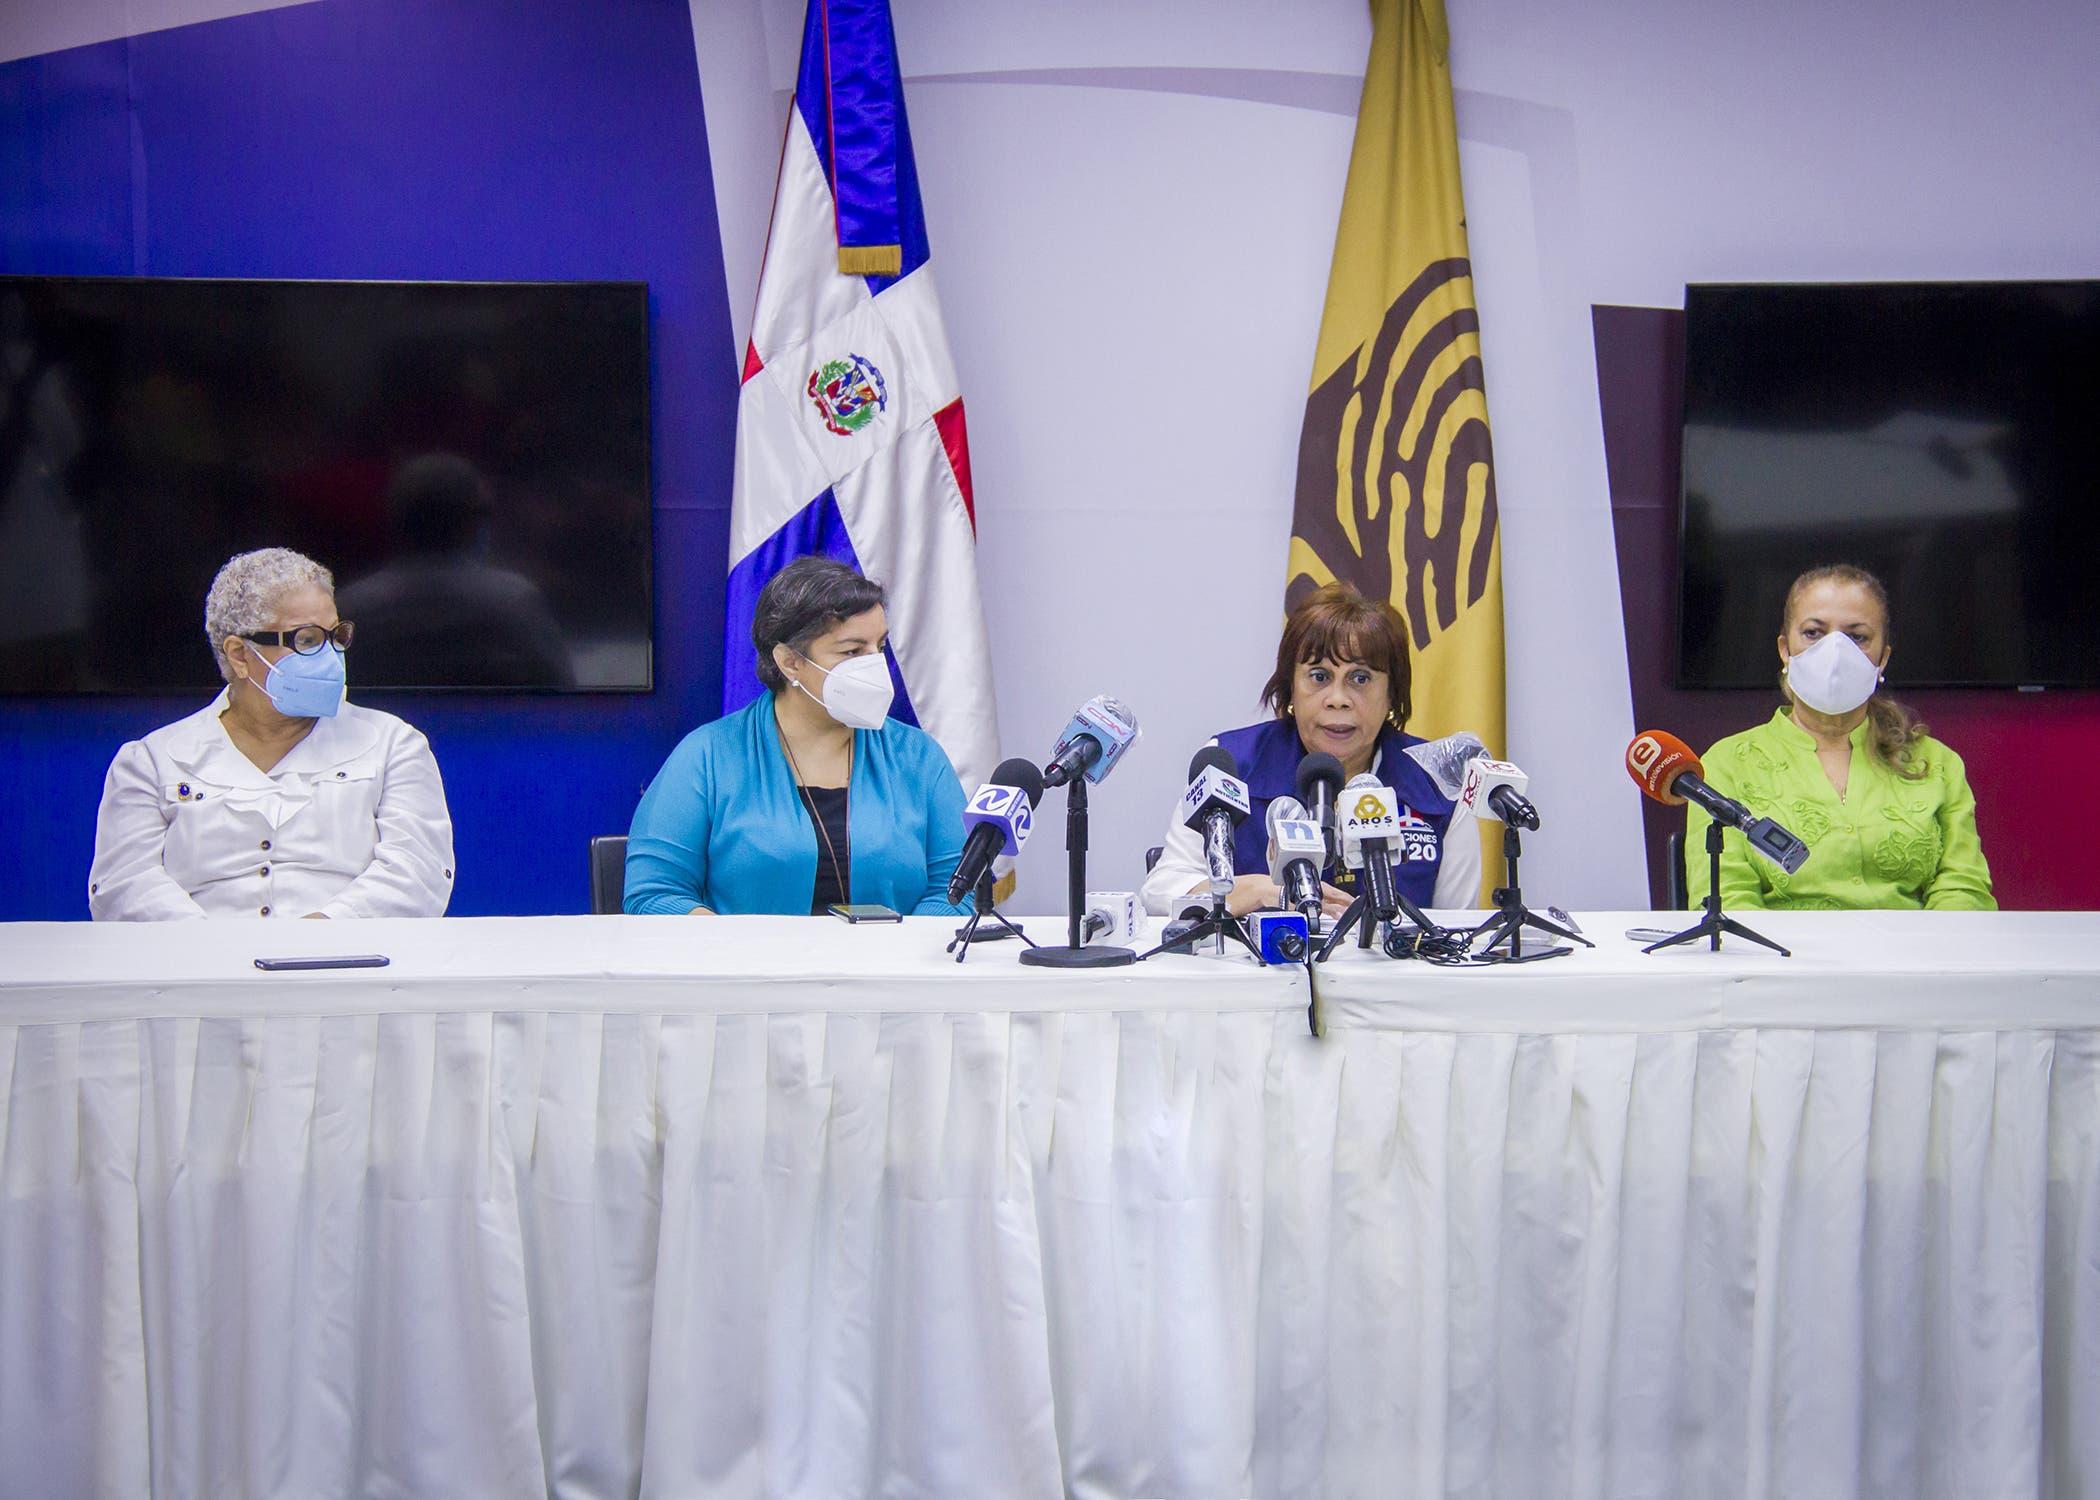 Elecciones tendrán observación electoral con perspectiva de género